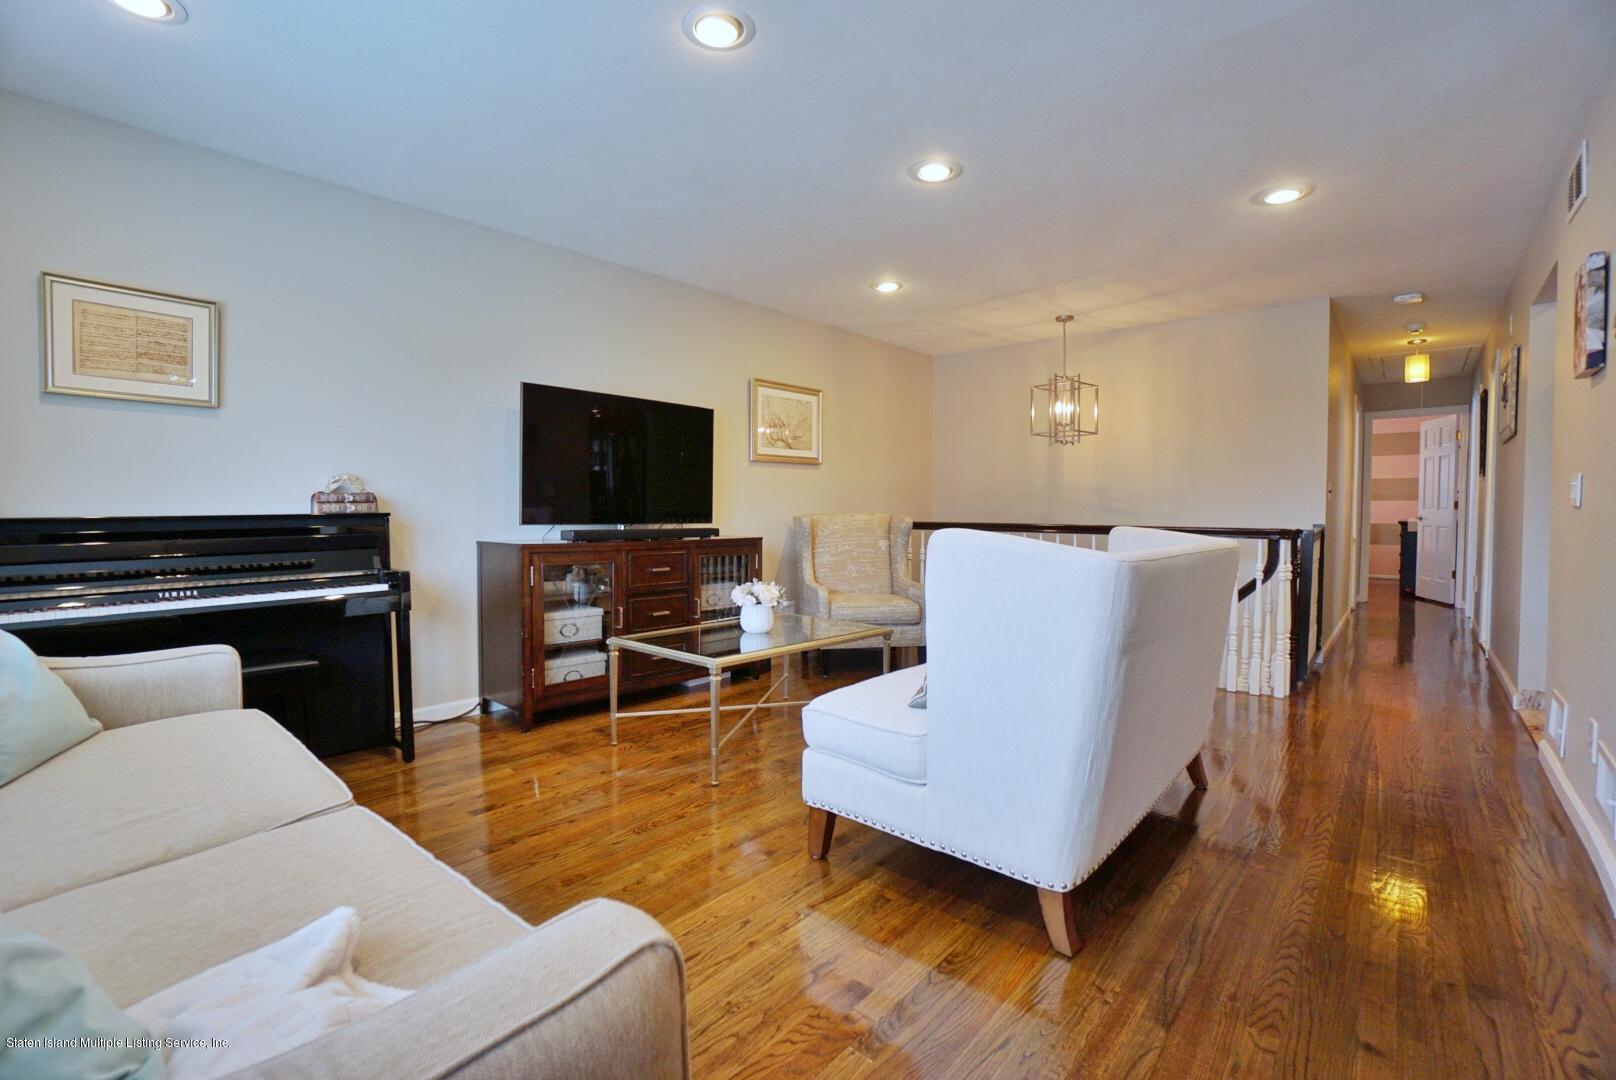 Single Family - Detached 579 Carlton Boulevard  Staten Island, NY 10312, MLS-1139227-14